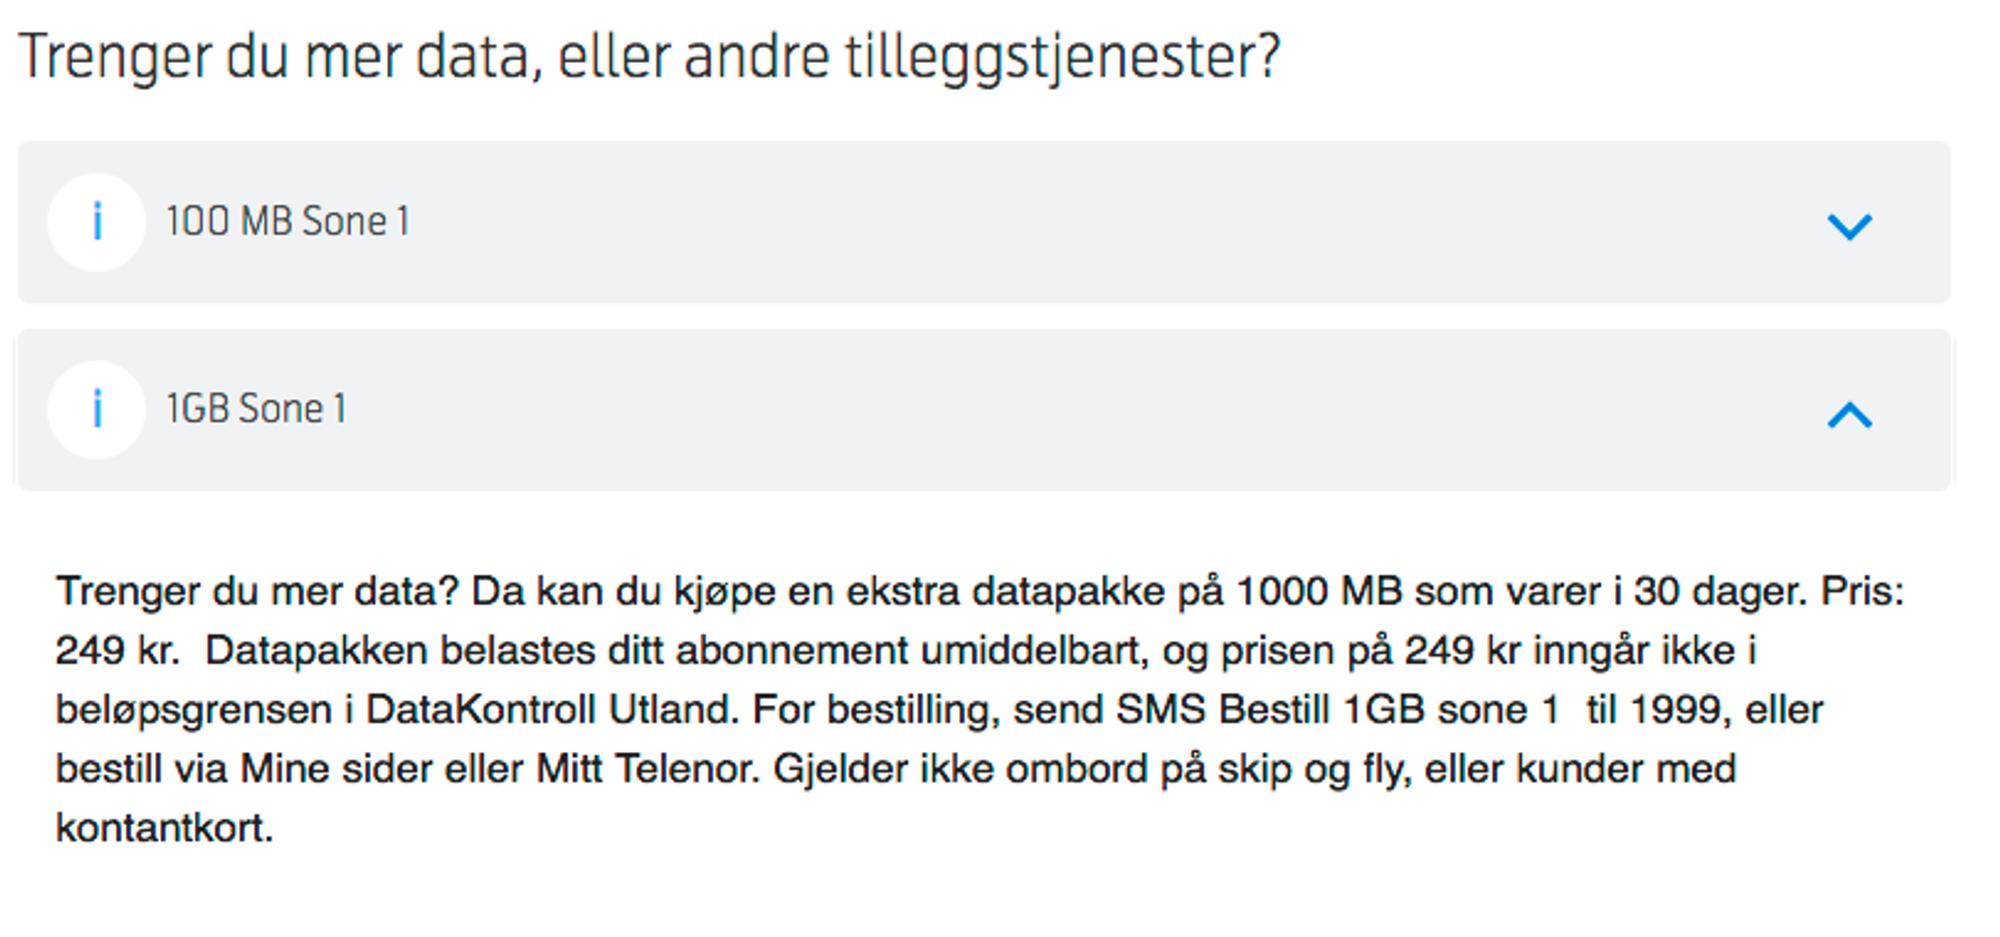 Både Telenor og Telia tilbyr relativt gunstige datapakker når du befinner  deg i utlandet 85f7be2c0d02c